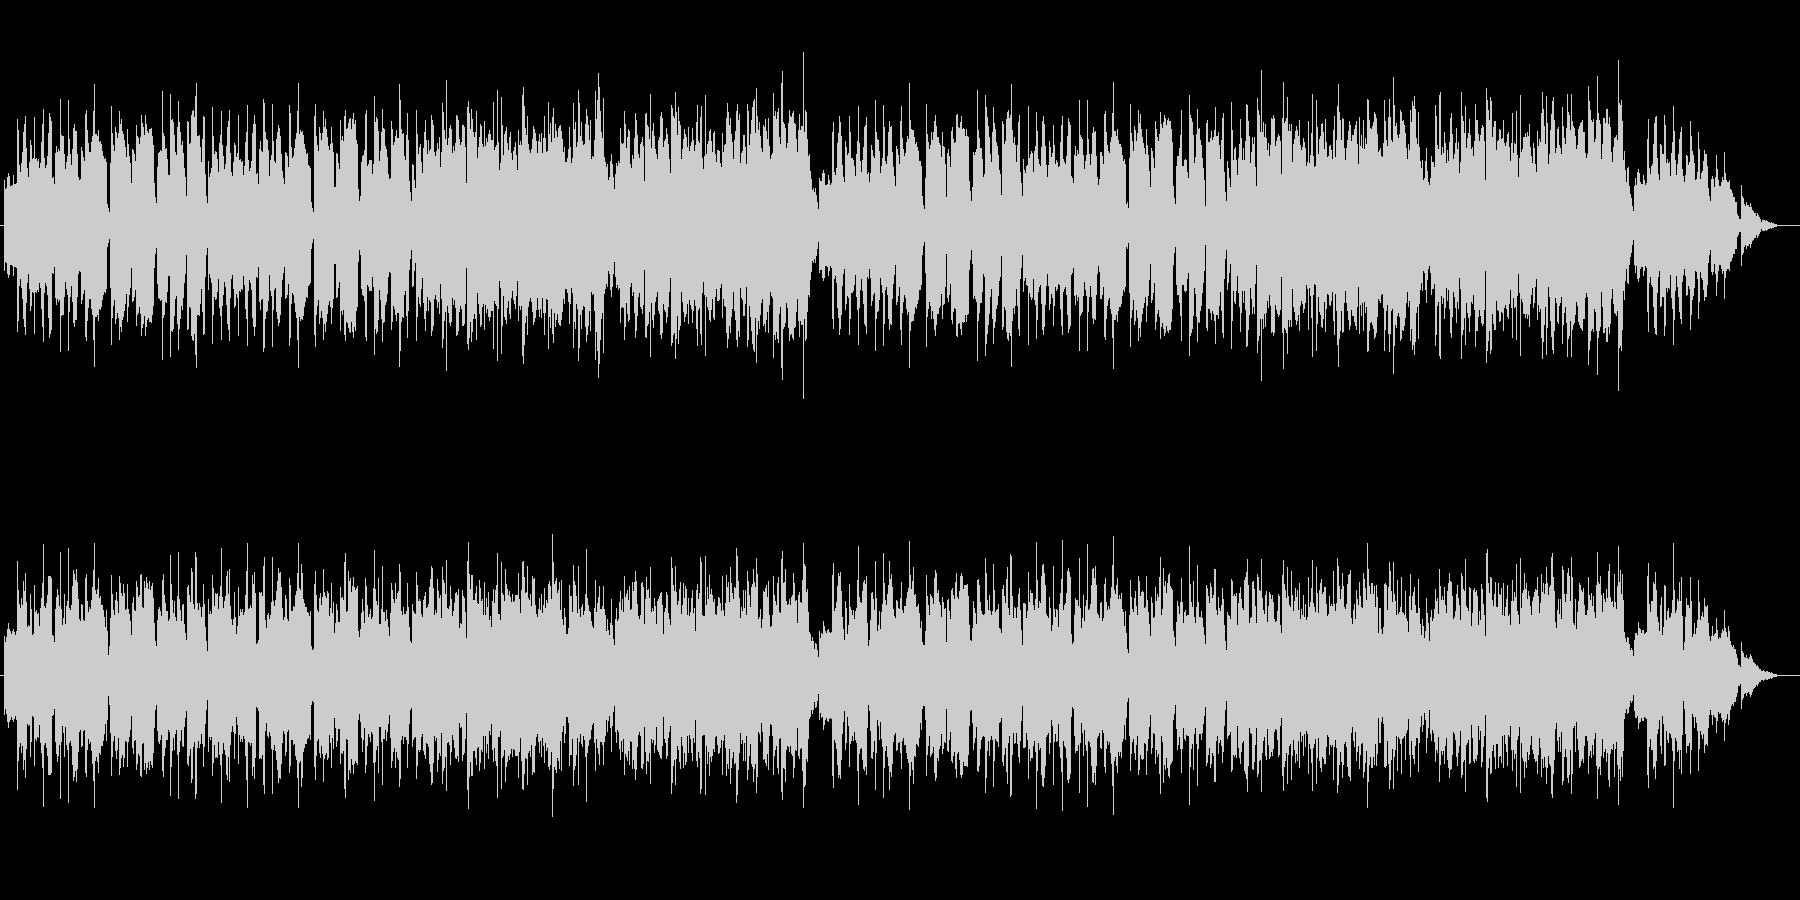 RPGの最初の村 牧歌的な音楽の未再生の波形